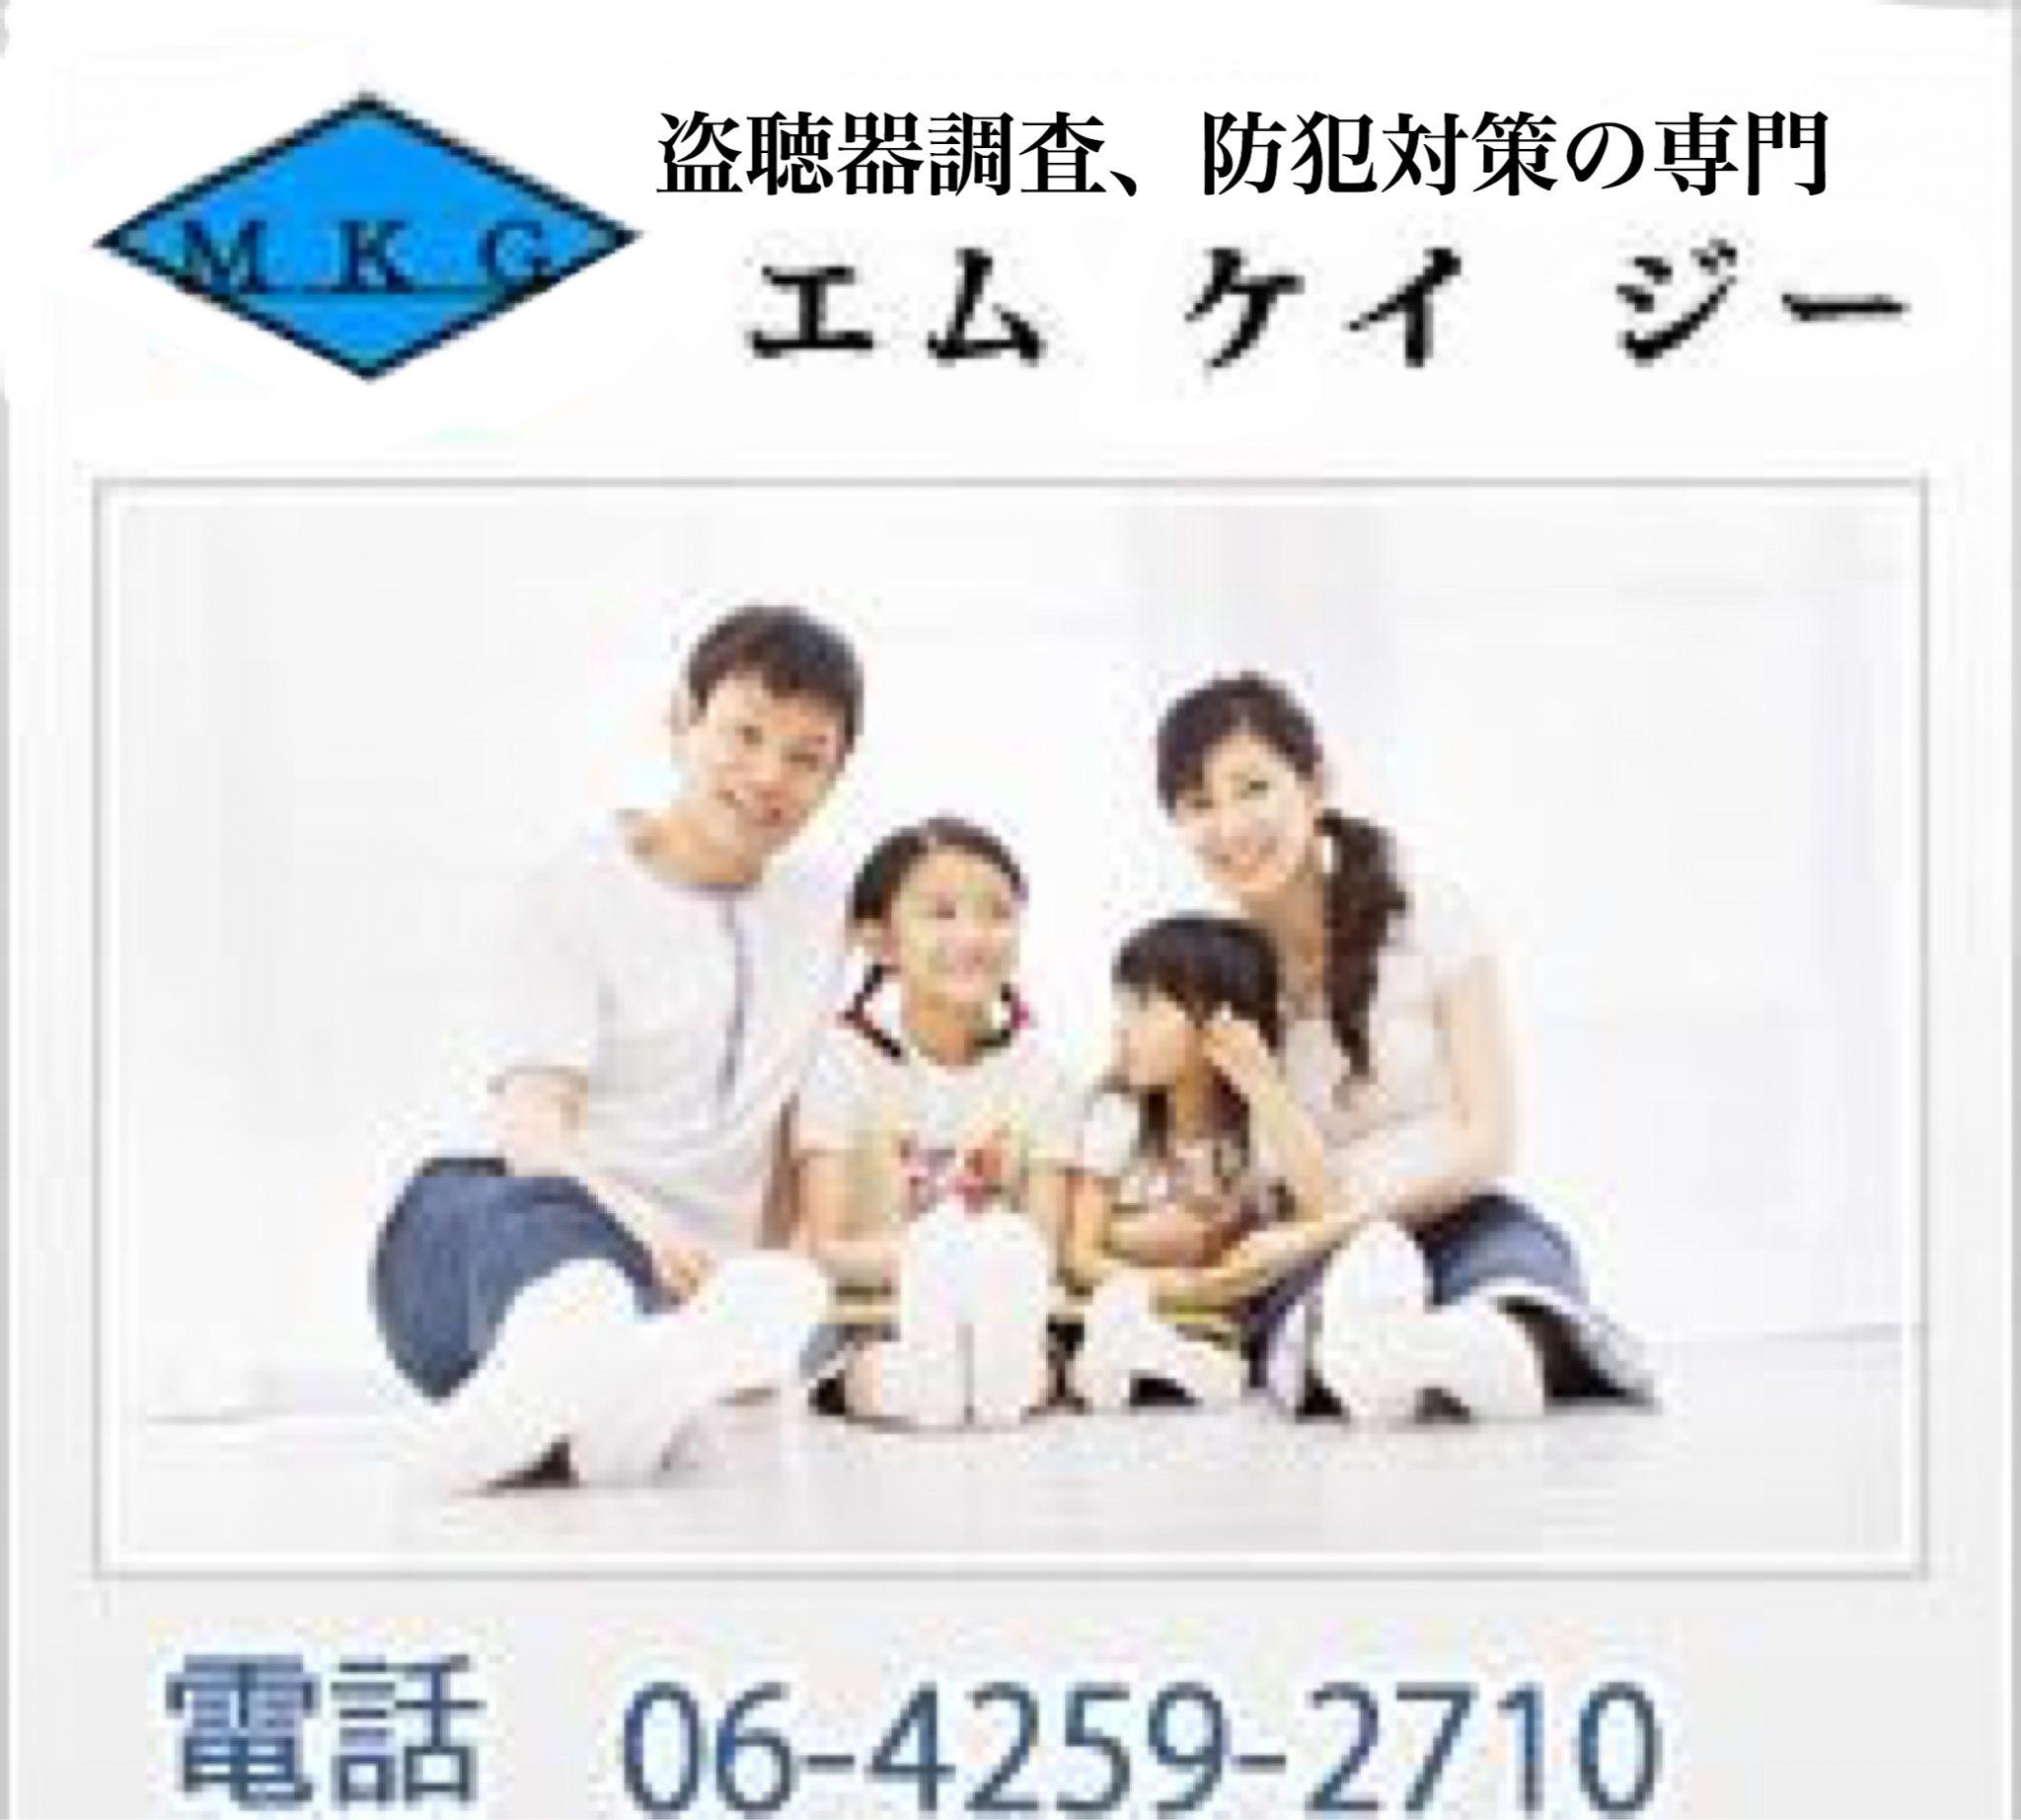 盗聴・盗撮カメラ調査 TEL06-4259-2710